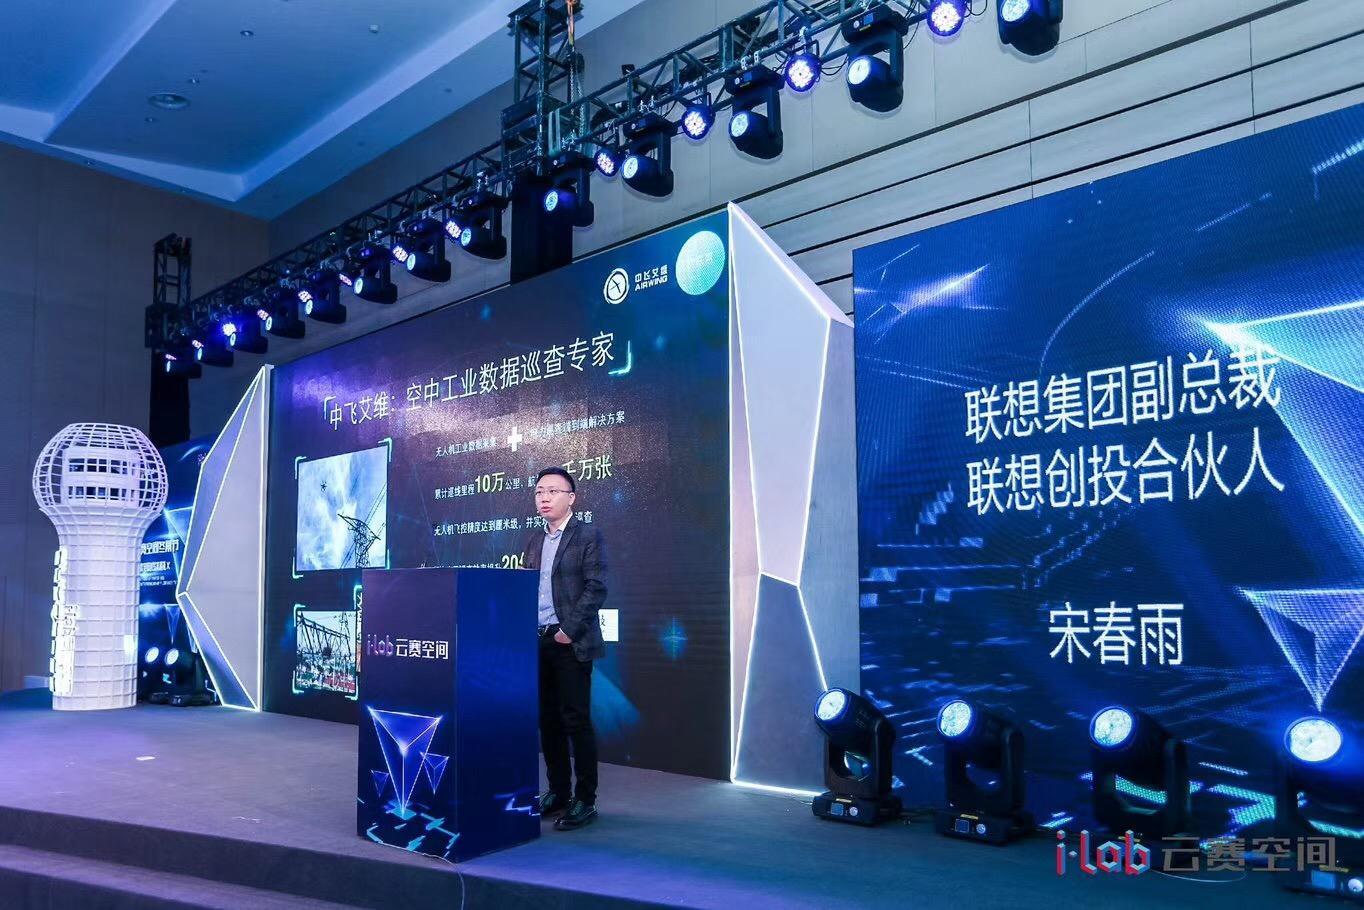 上海显示屏安装公司